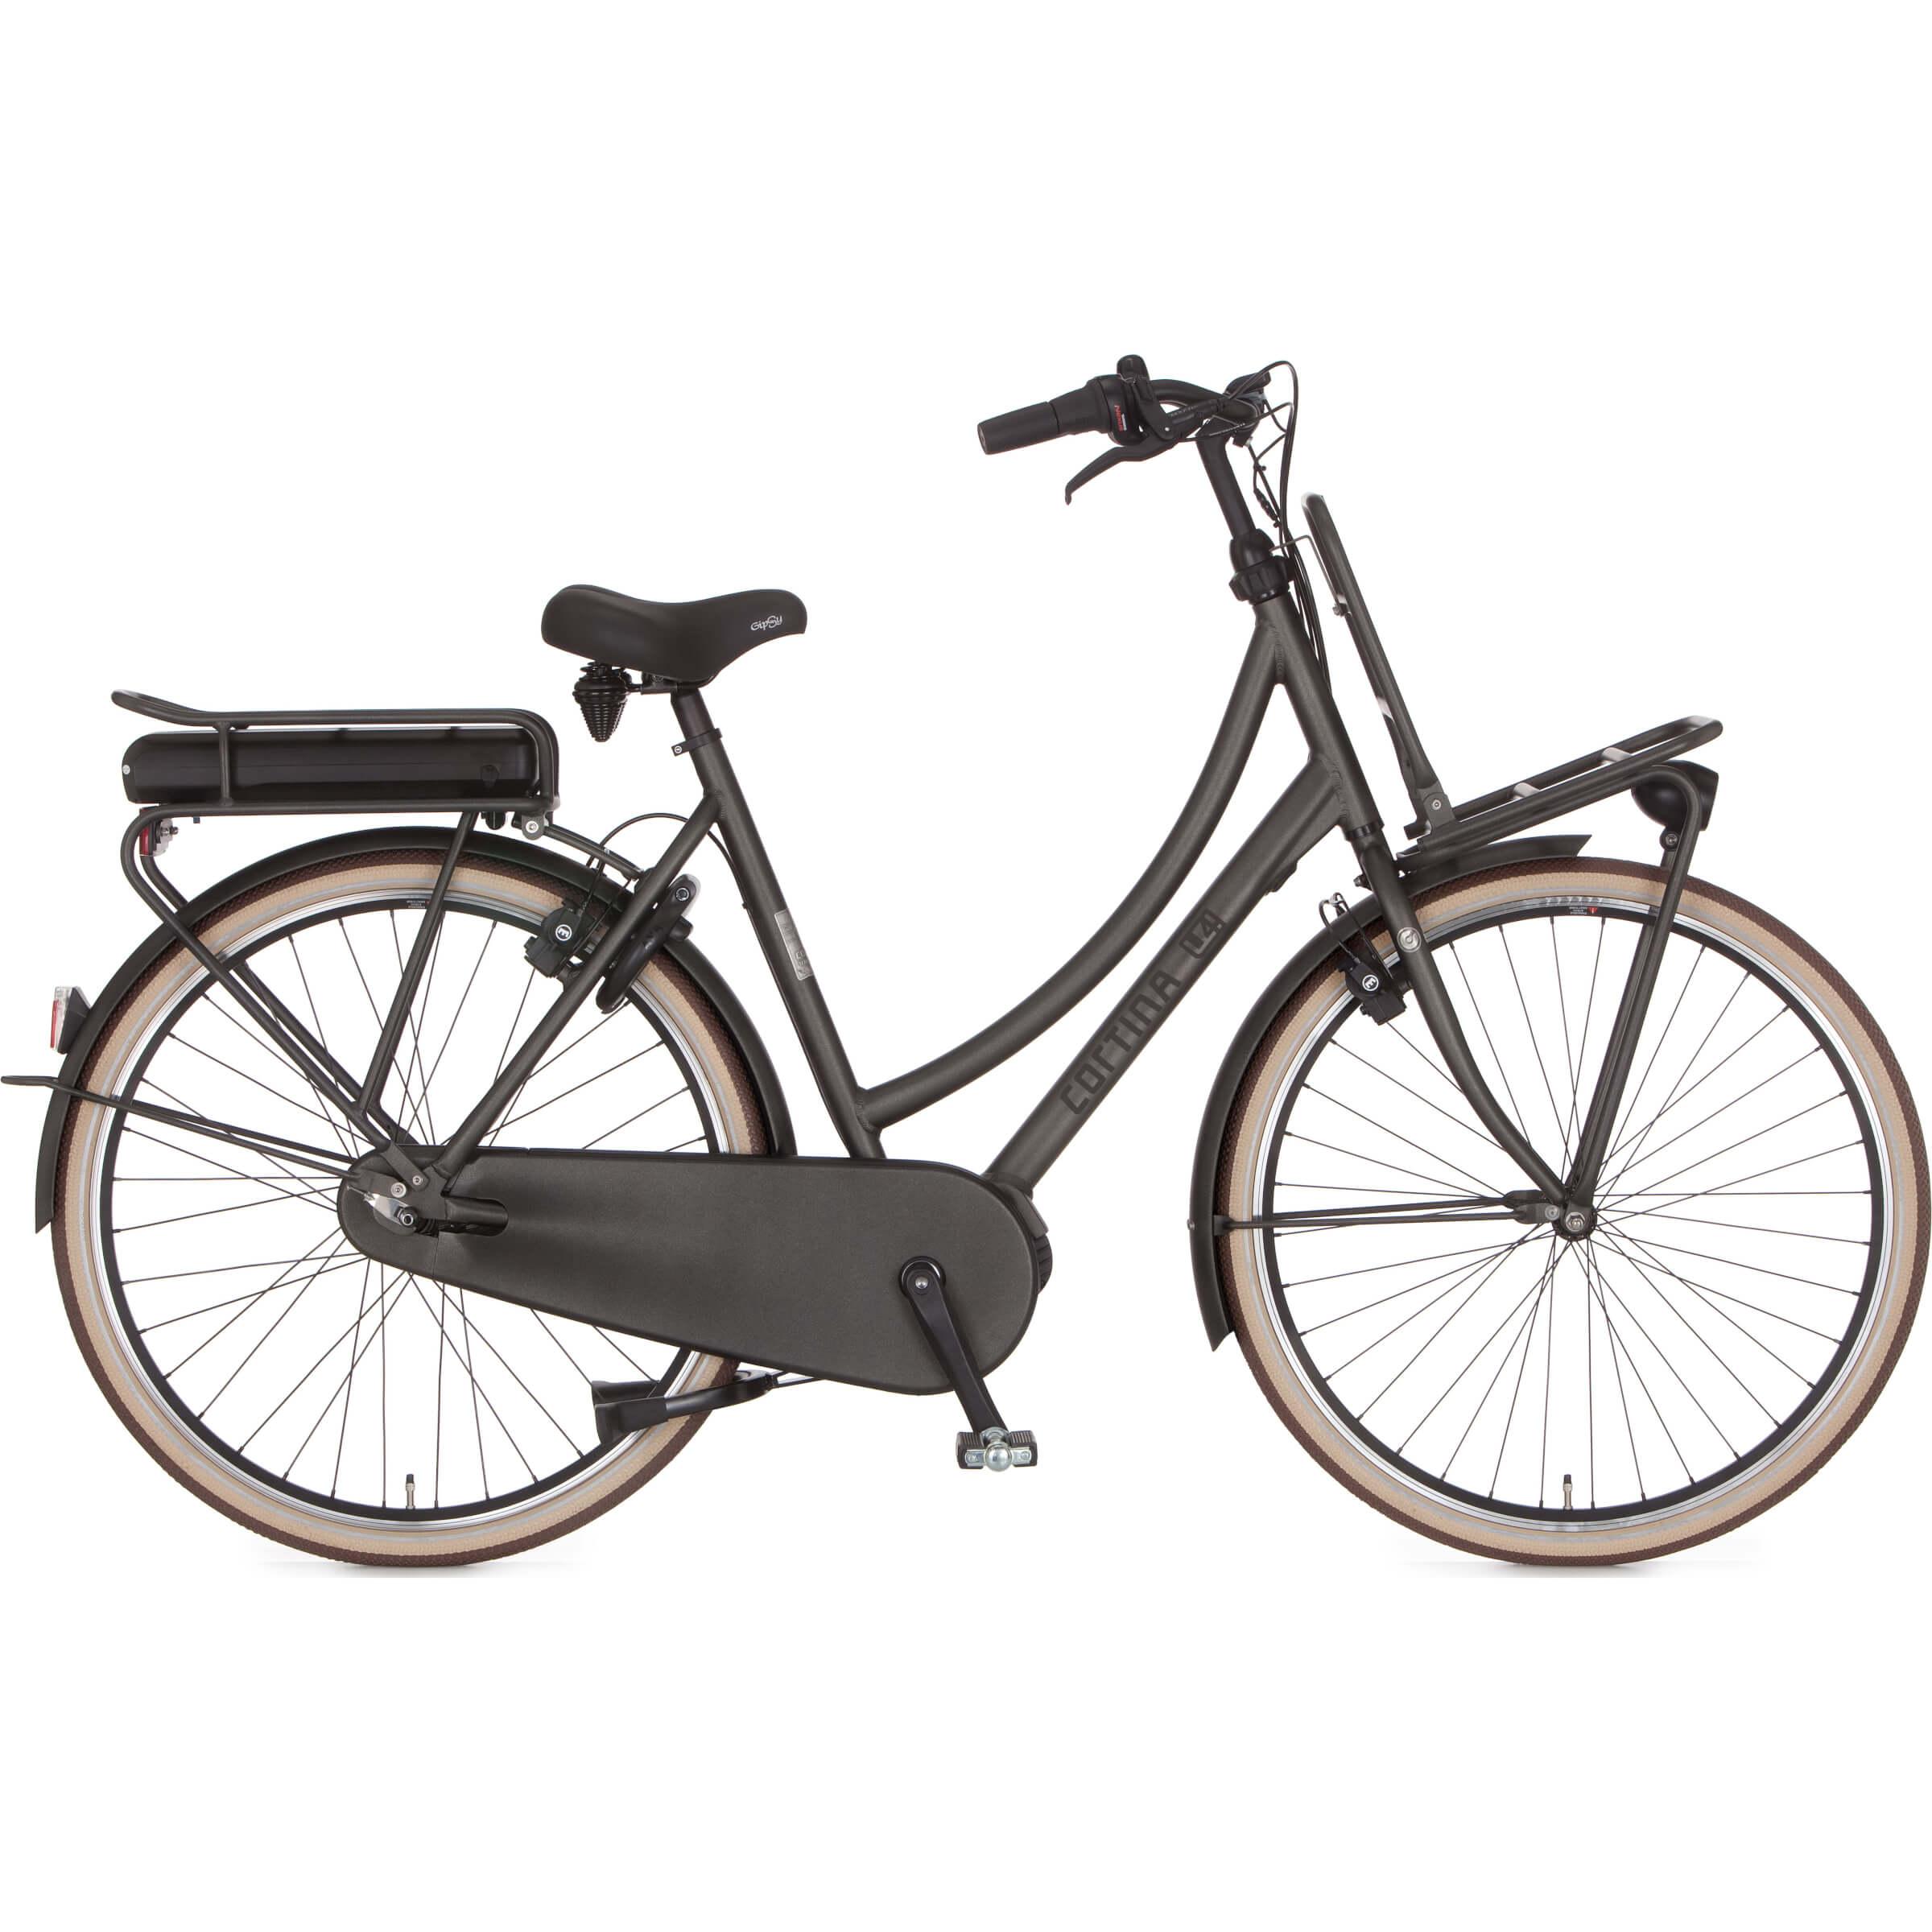 Cortina E-U4 raw elektrische fiets | Guill van de Ven | Tilburg